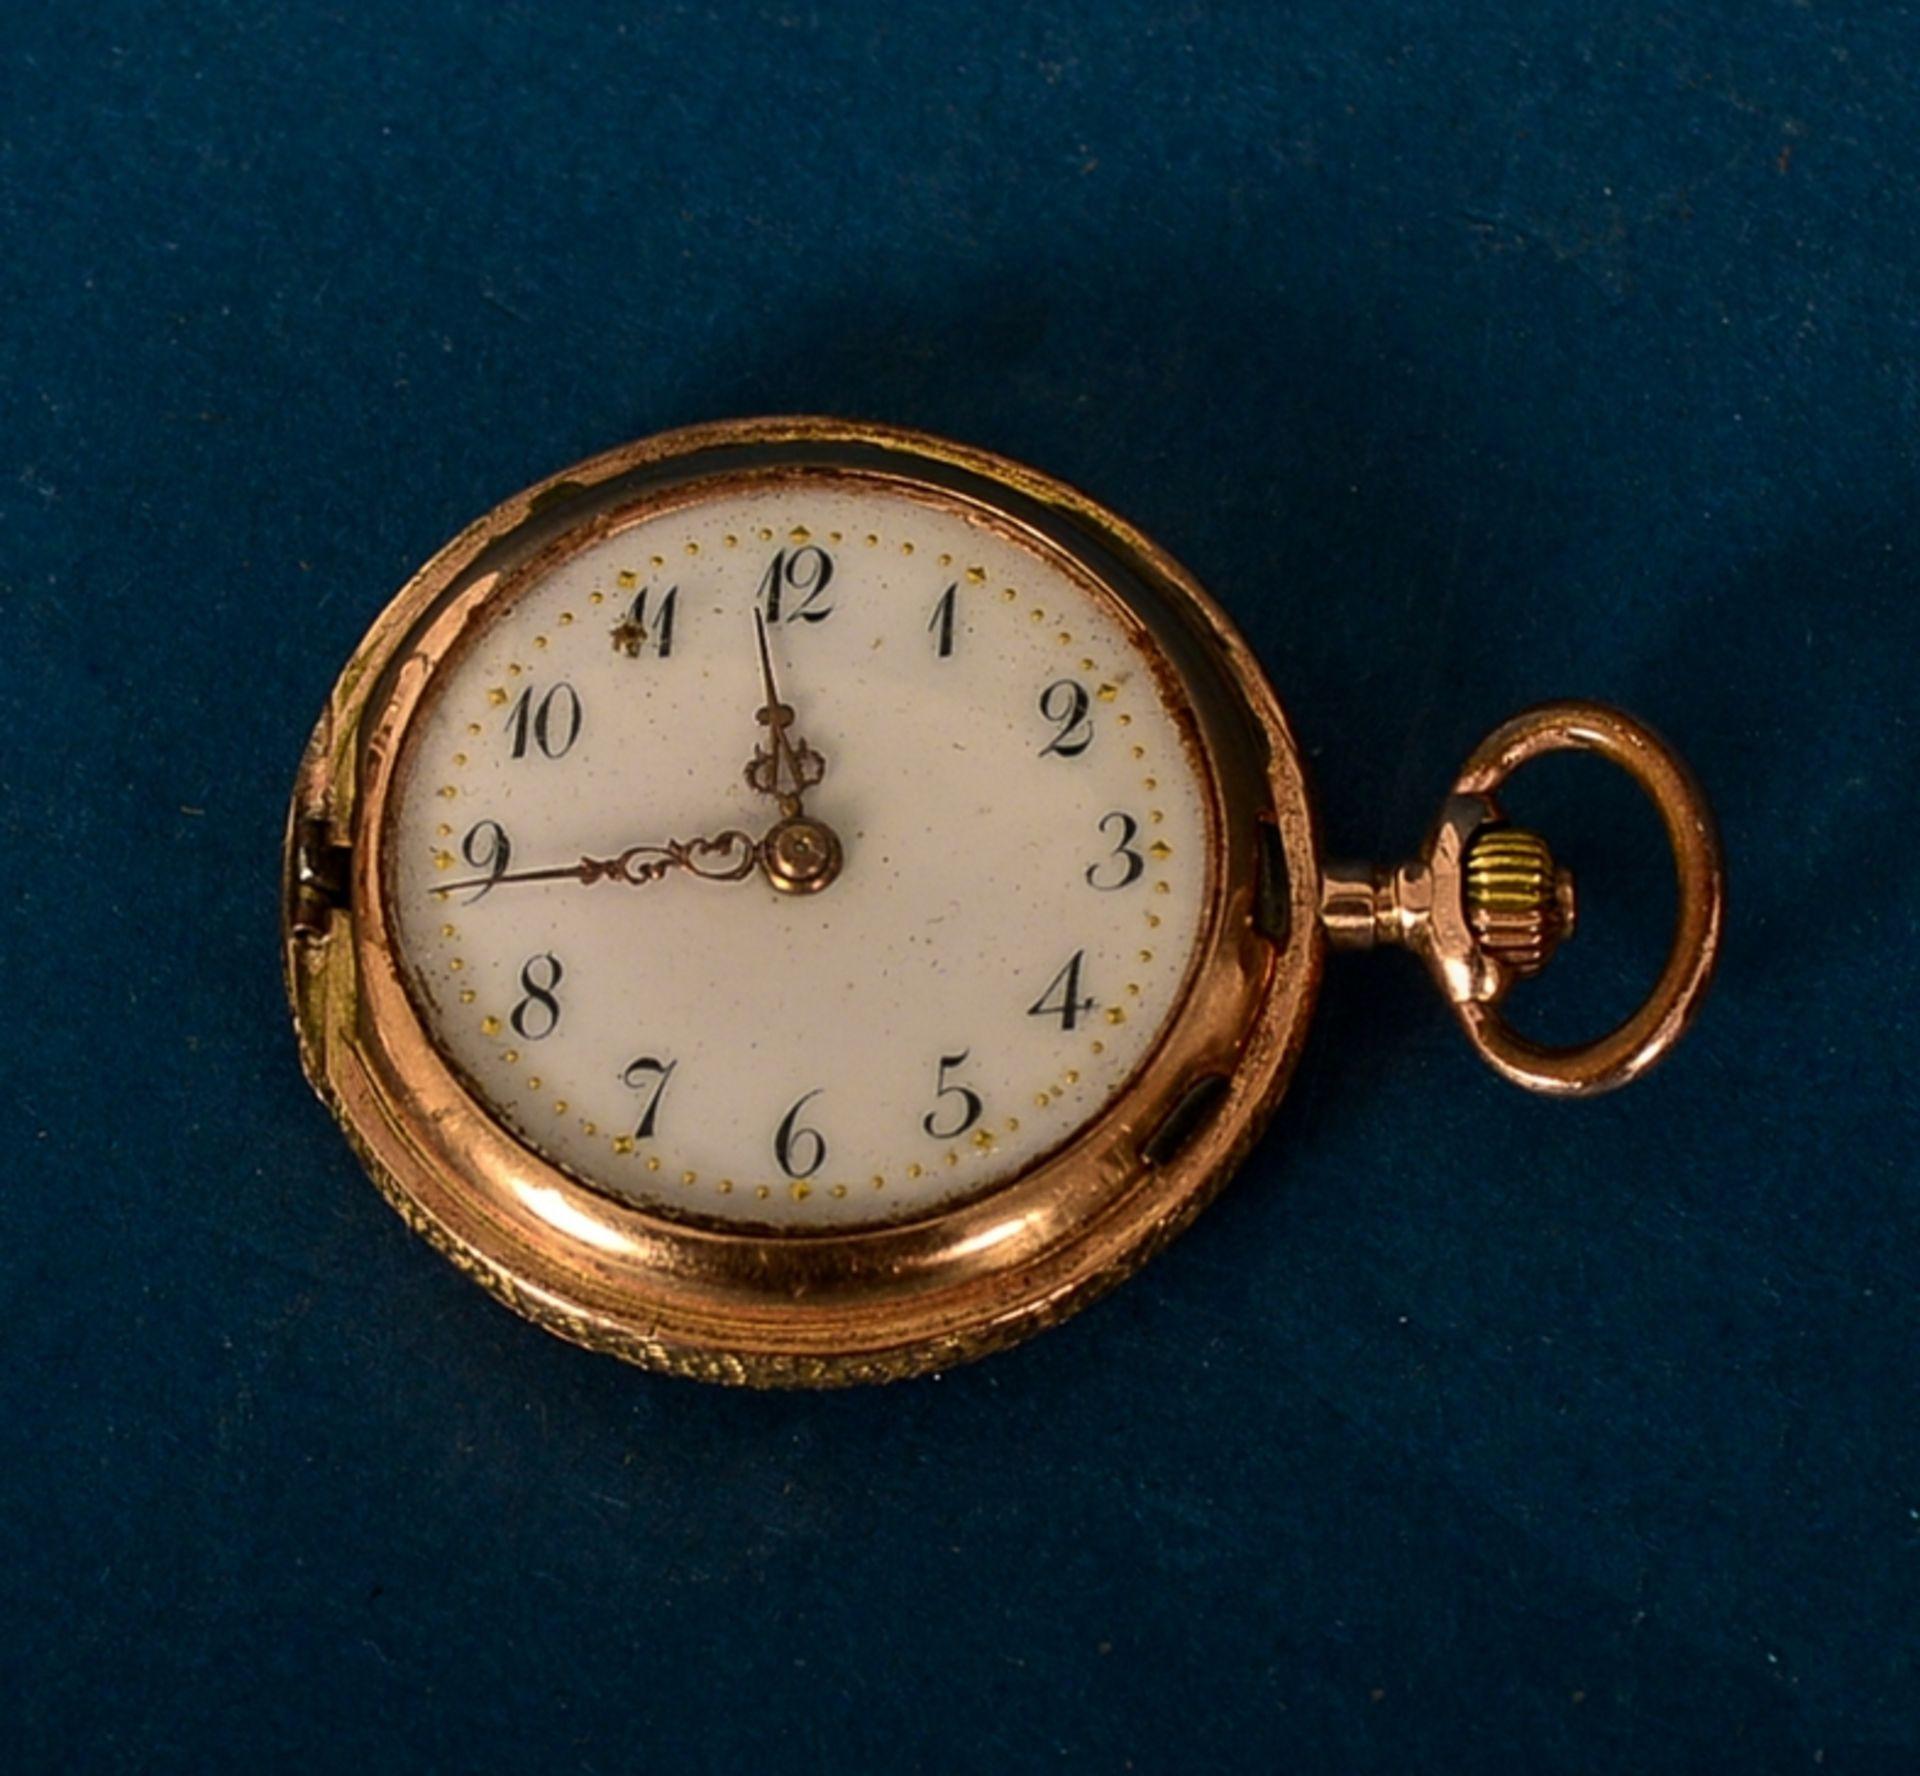 """585er Damen-Taschenuhr im Geschenketui des """"Uhrmacher S. Freund aus Marburg an der Lahn"""". Vorderer - Bild 3 aus 6"""